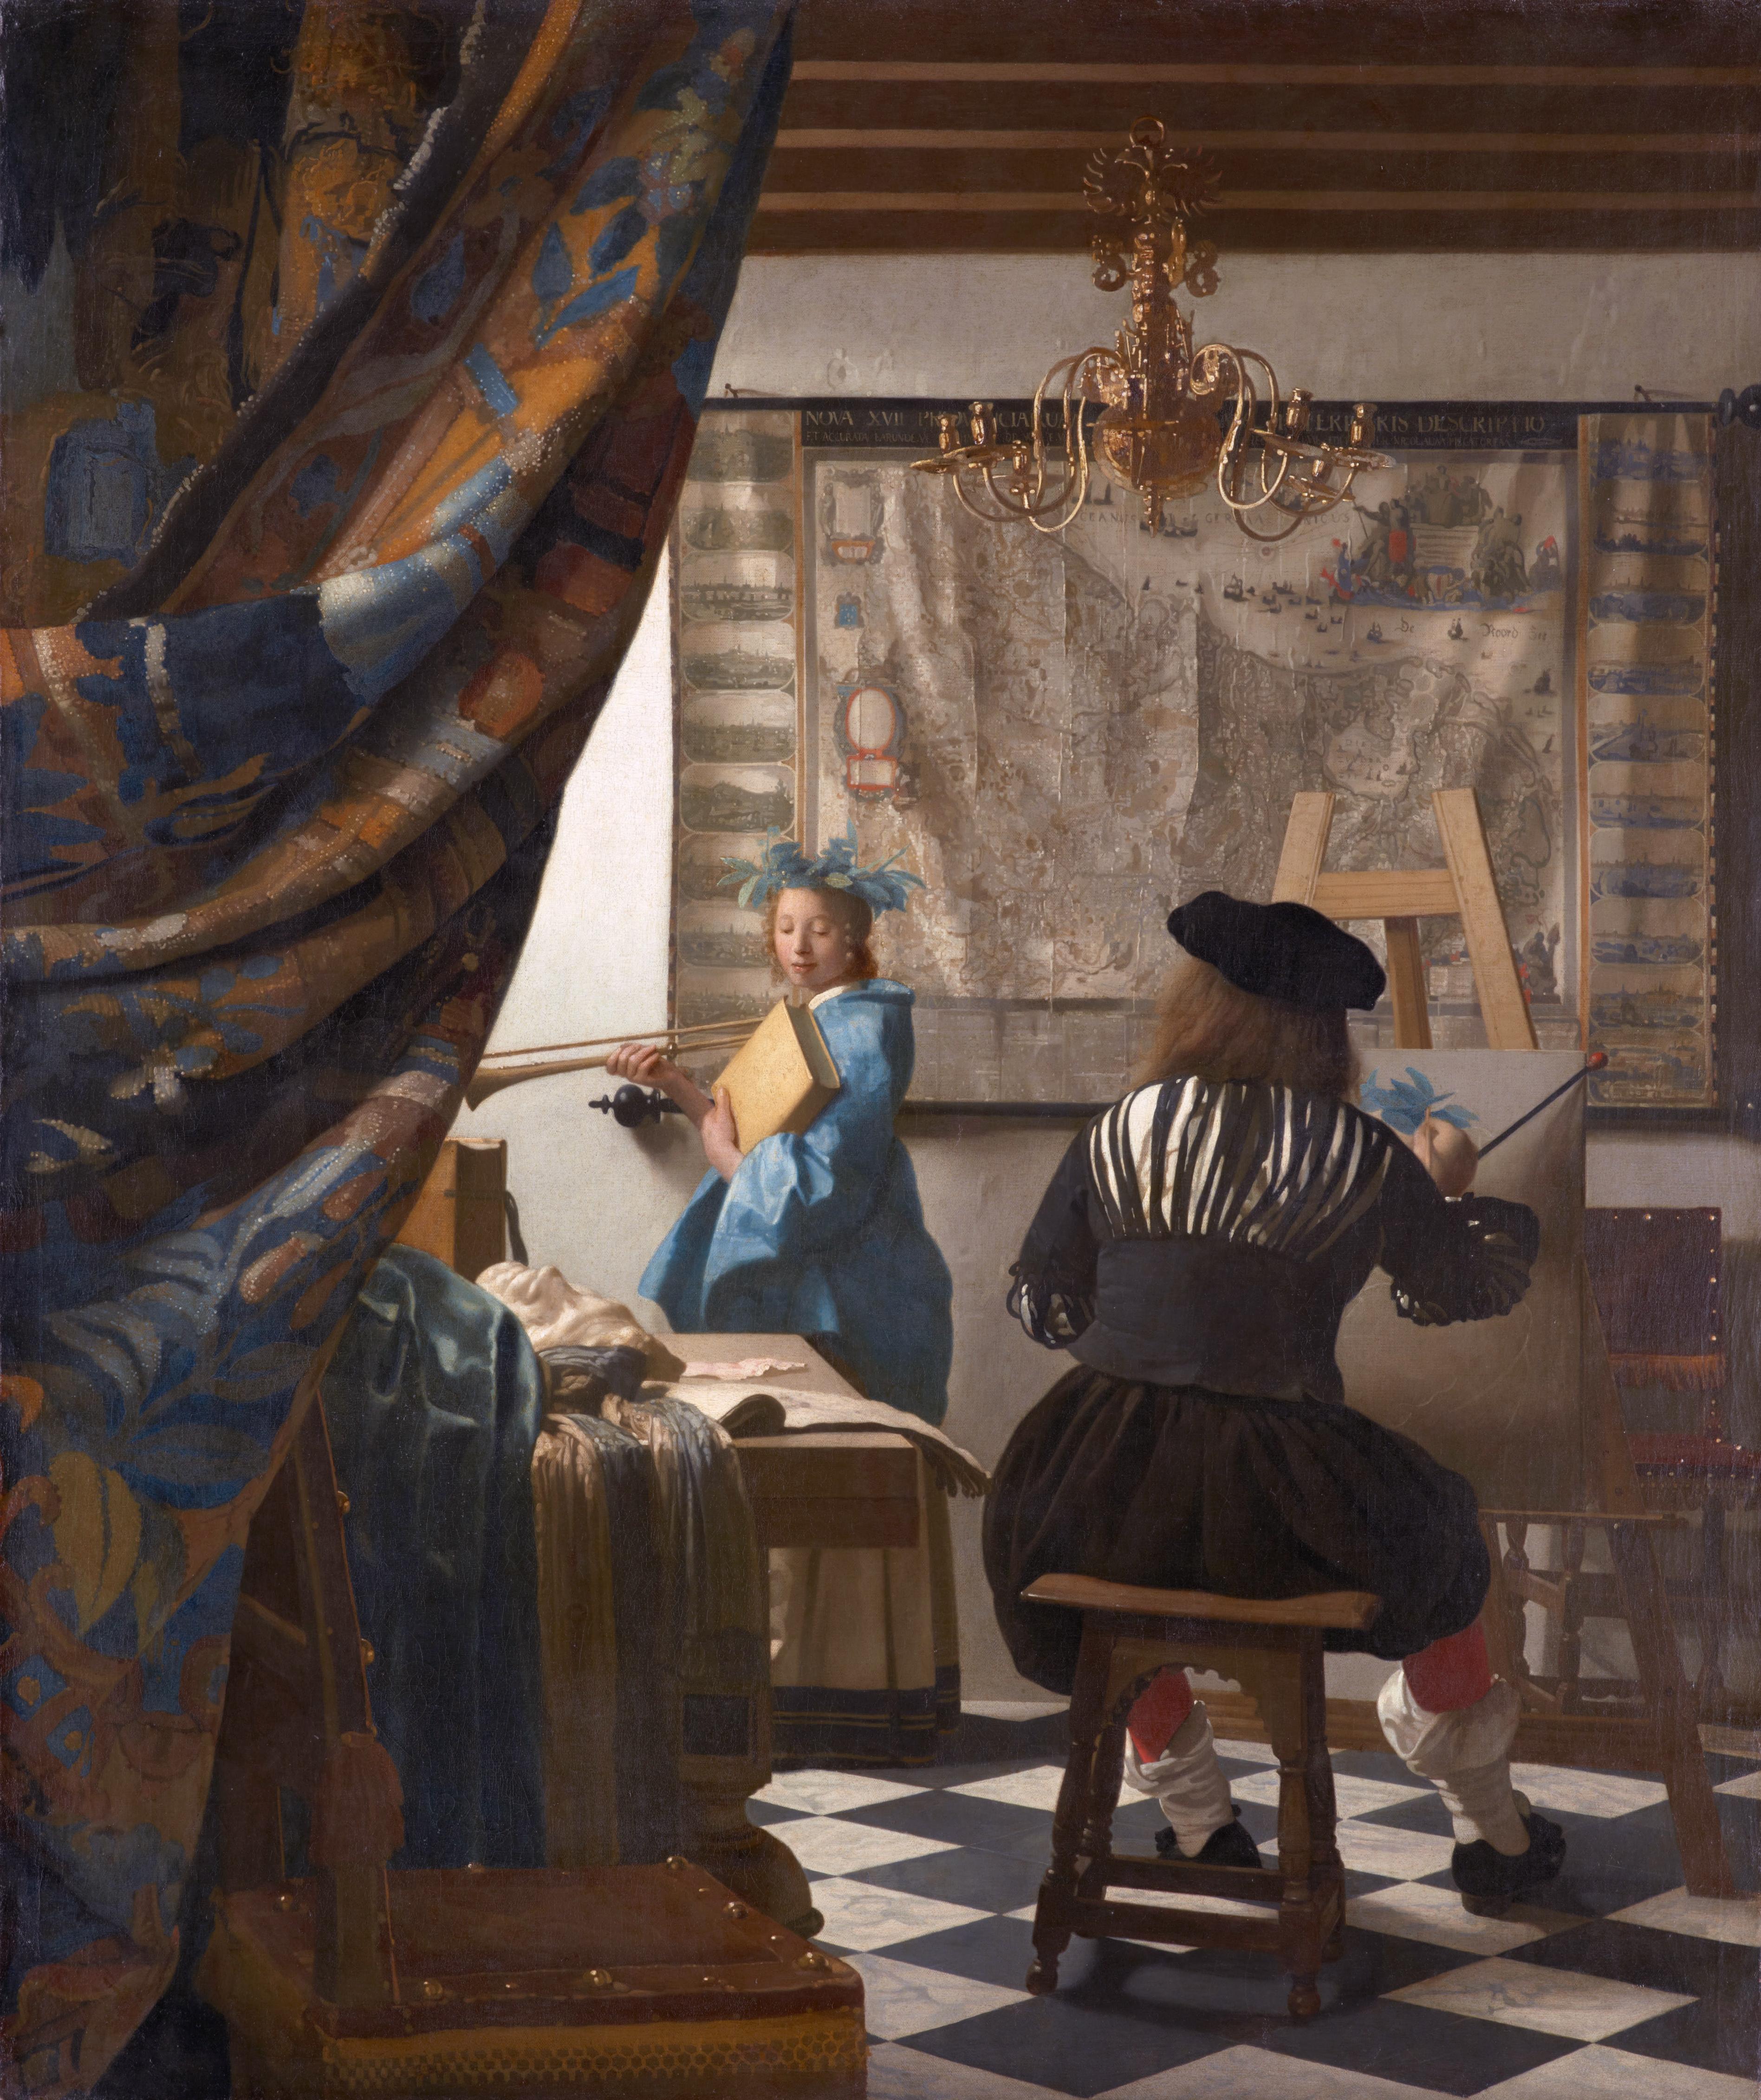 Les cartes dans la peinture de Vermeer / Maps in Vermeer's paintings